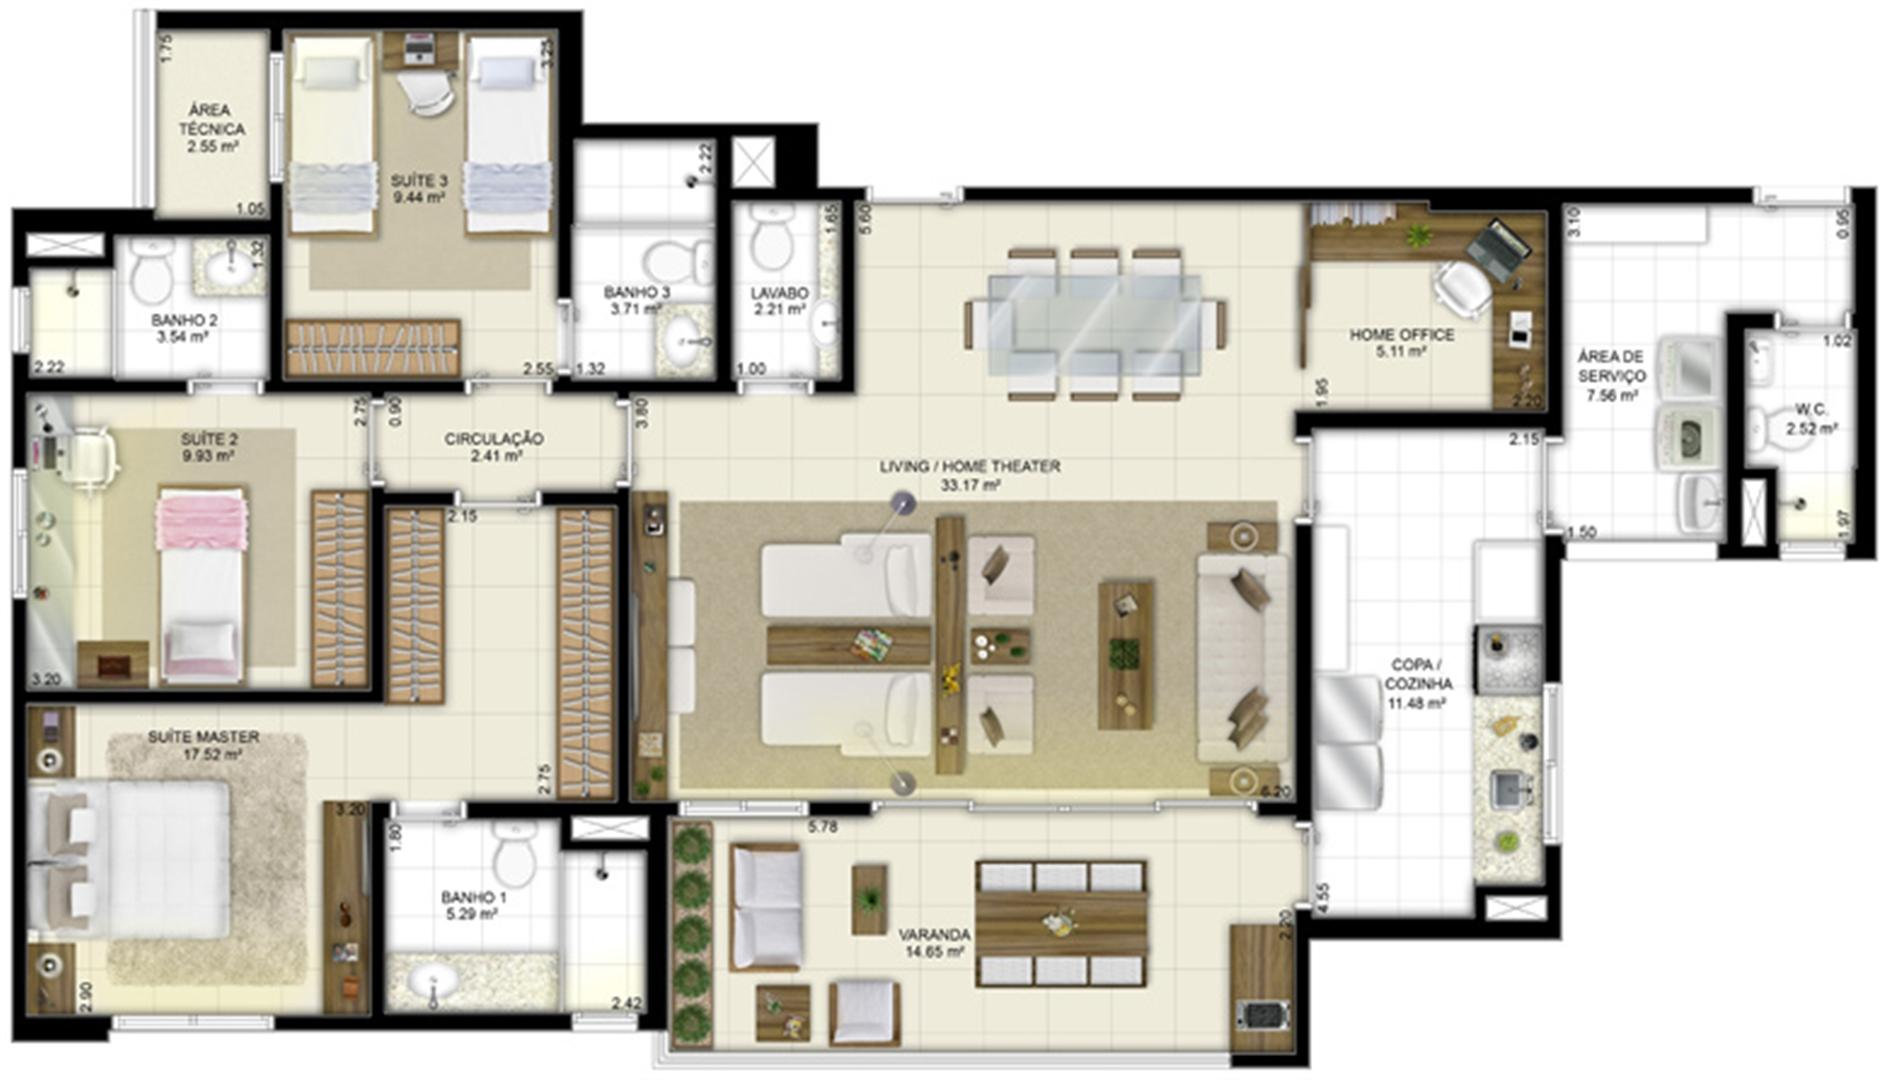 Planta - Tipo - 3 suítes (living ampliado e home office) - 131 m² | Jardim de Vêneto – Apartamento em  Altos do Calhau - São Luís - Maranhão